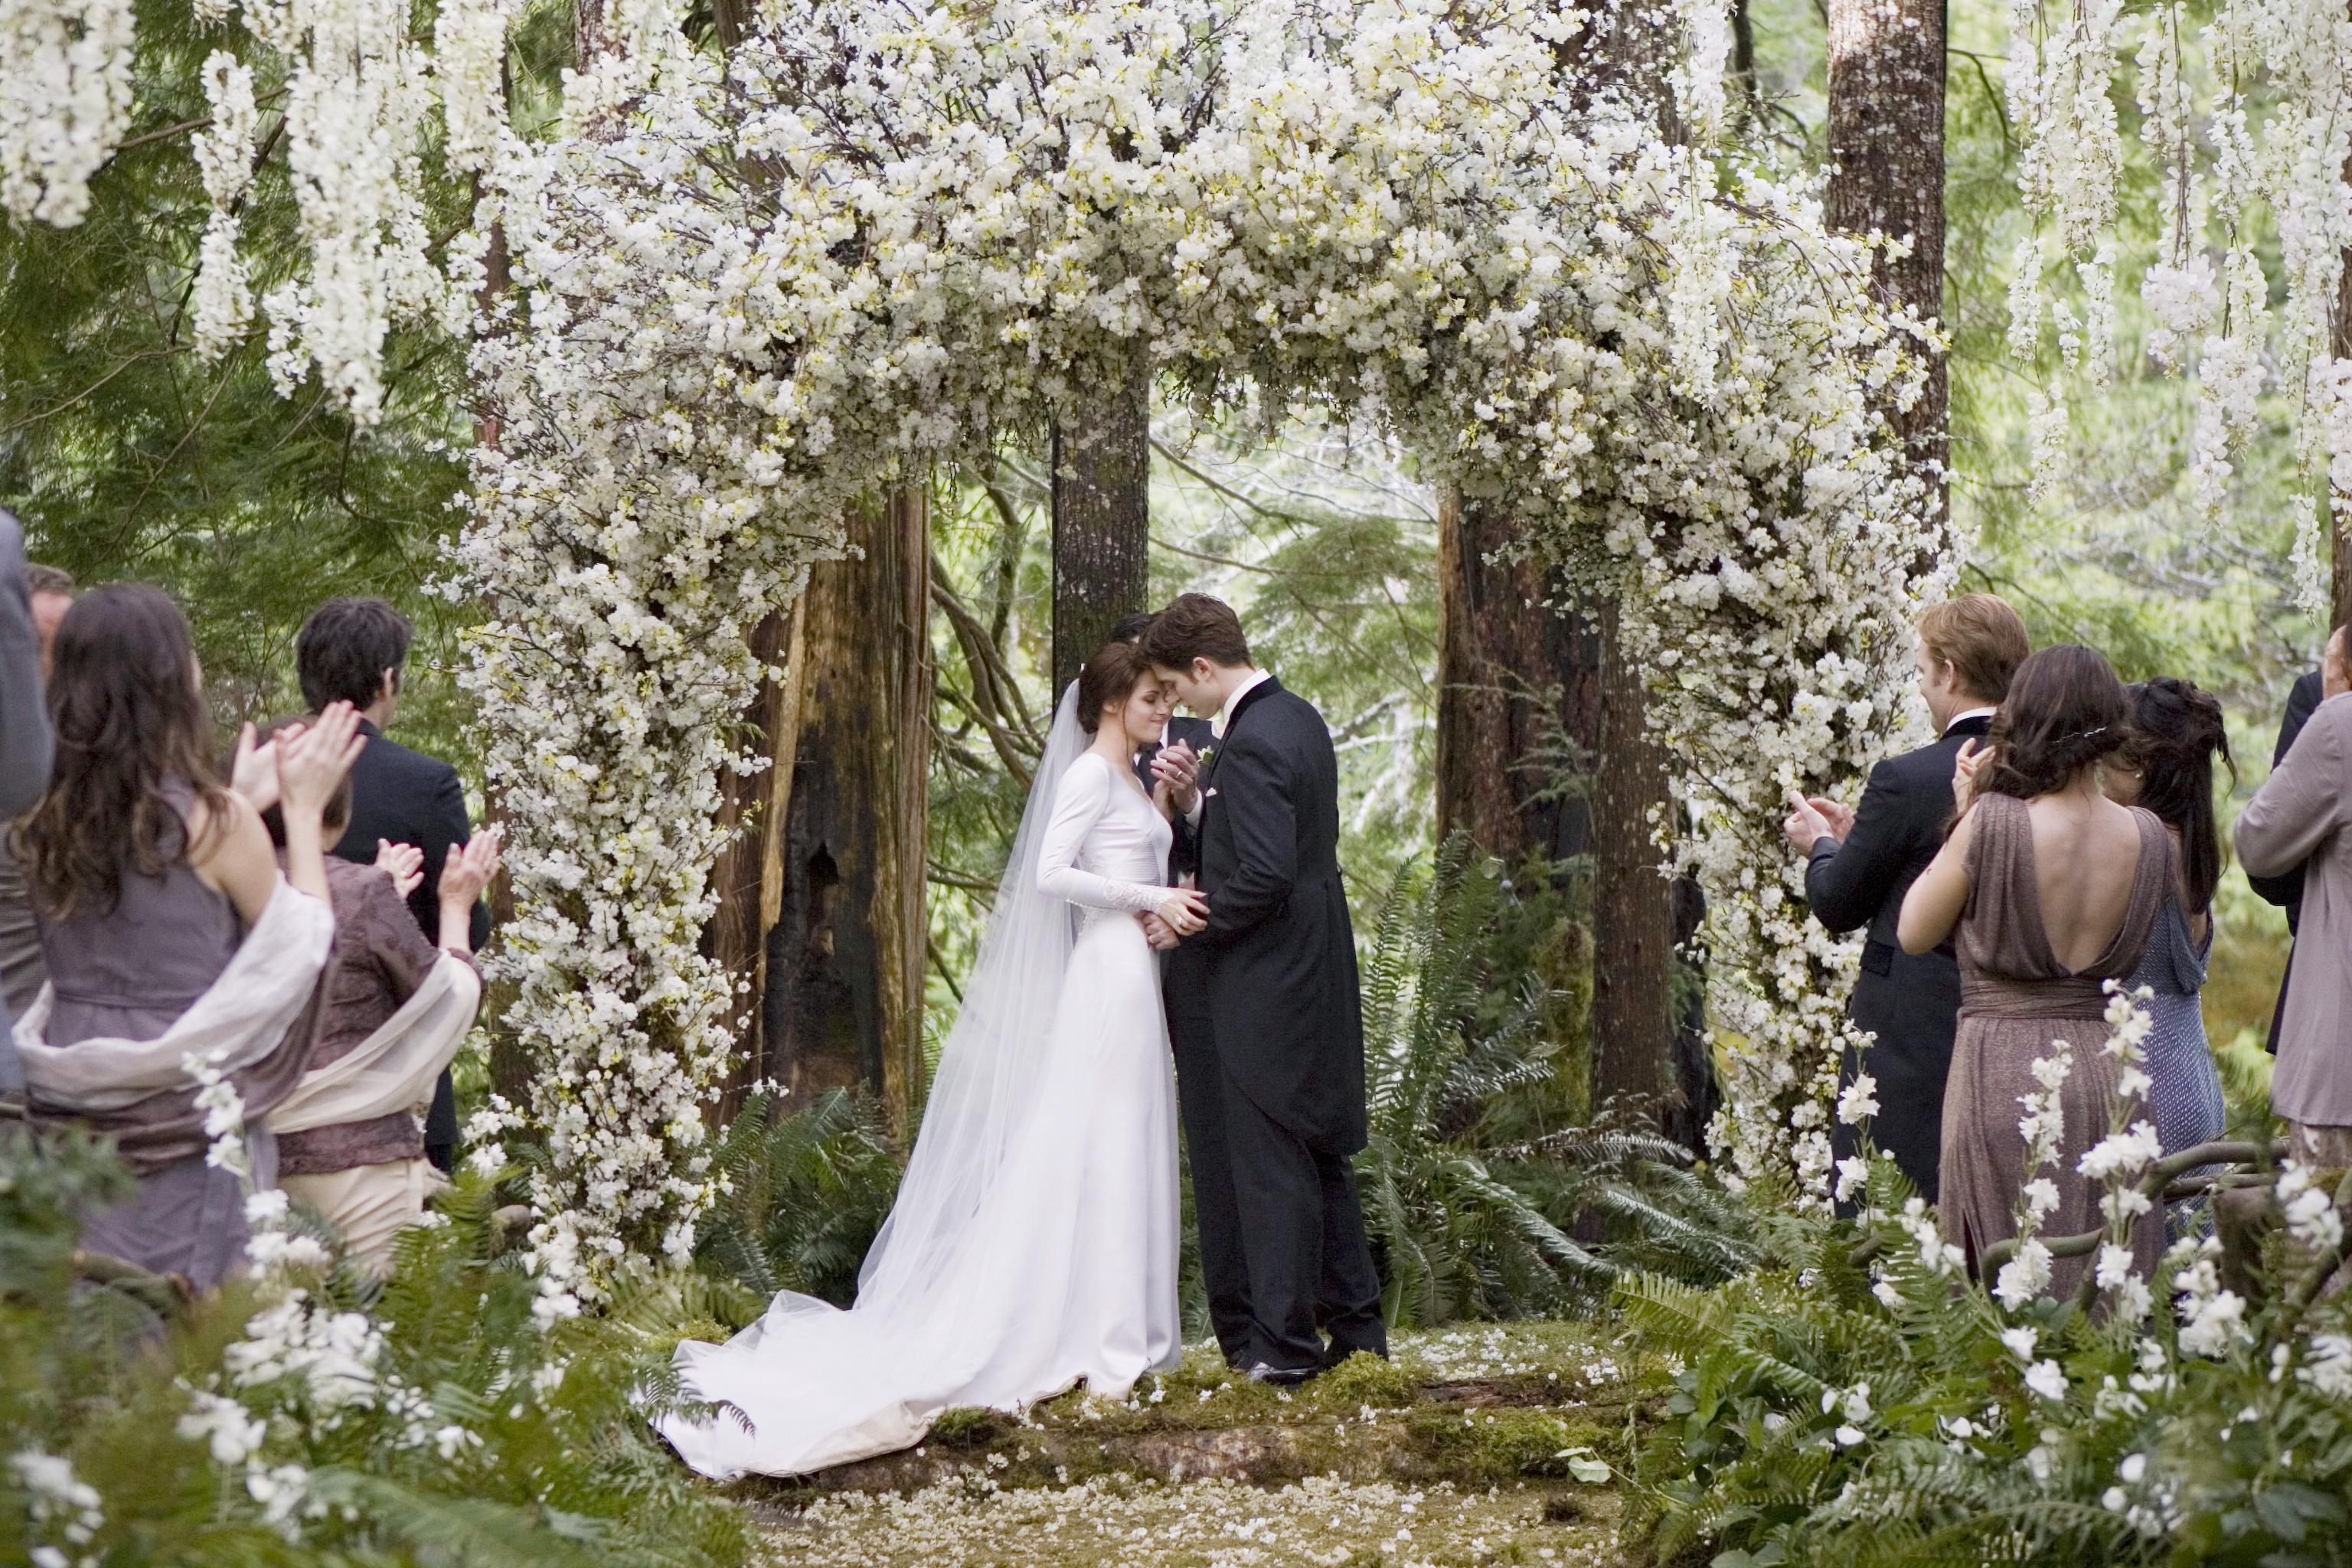 Фото подгляды свадьбы 15 фотография